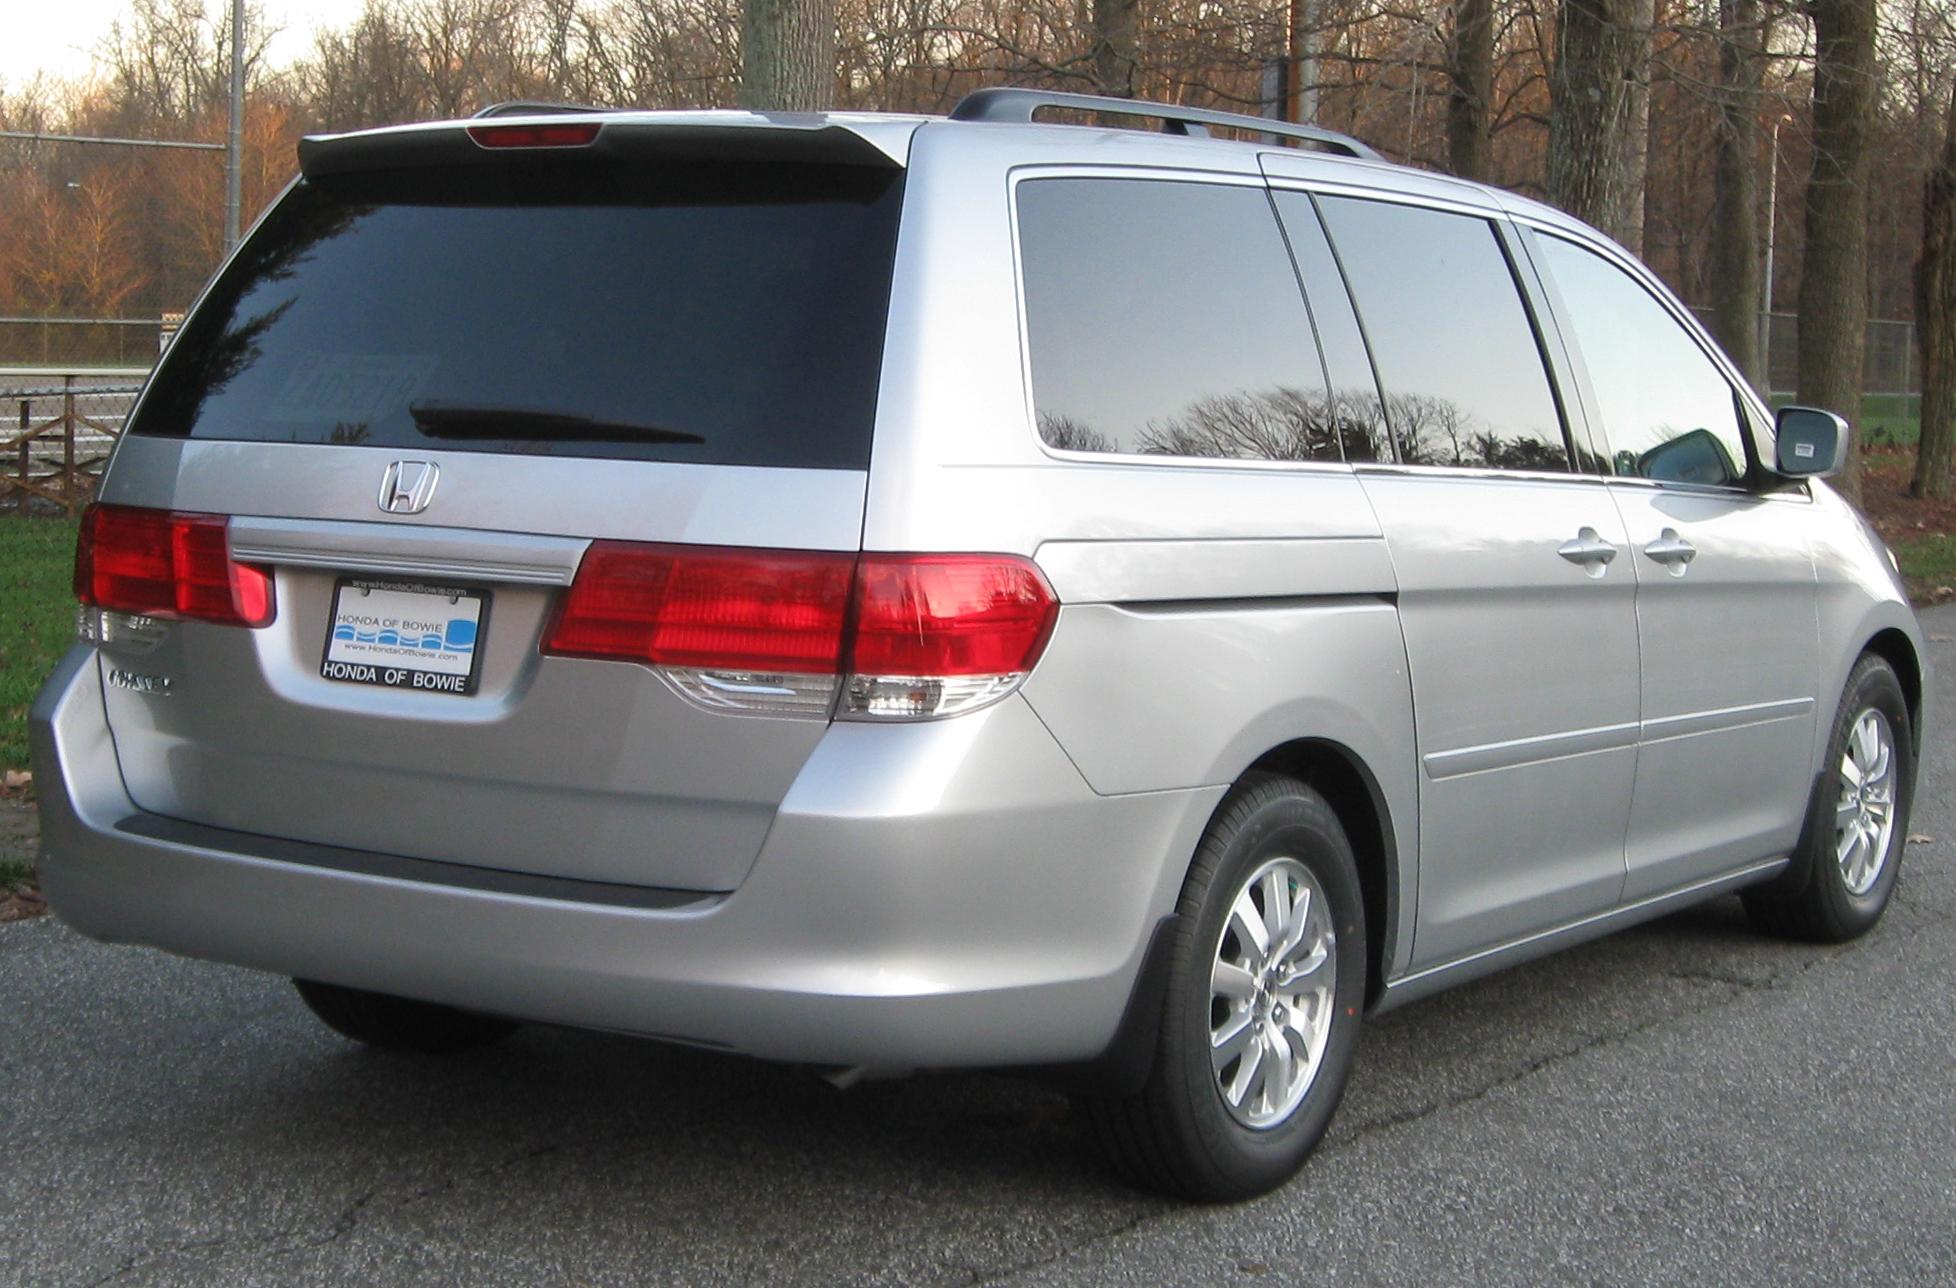 2010 Honda Odyssey EX rear    12 03 2009 - 2010 Honda Odyssey Ex